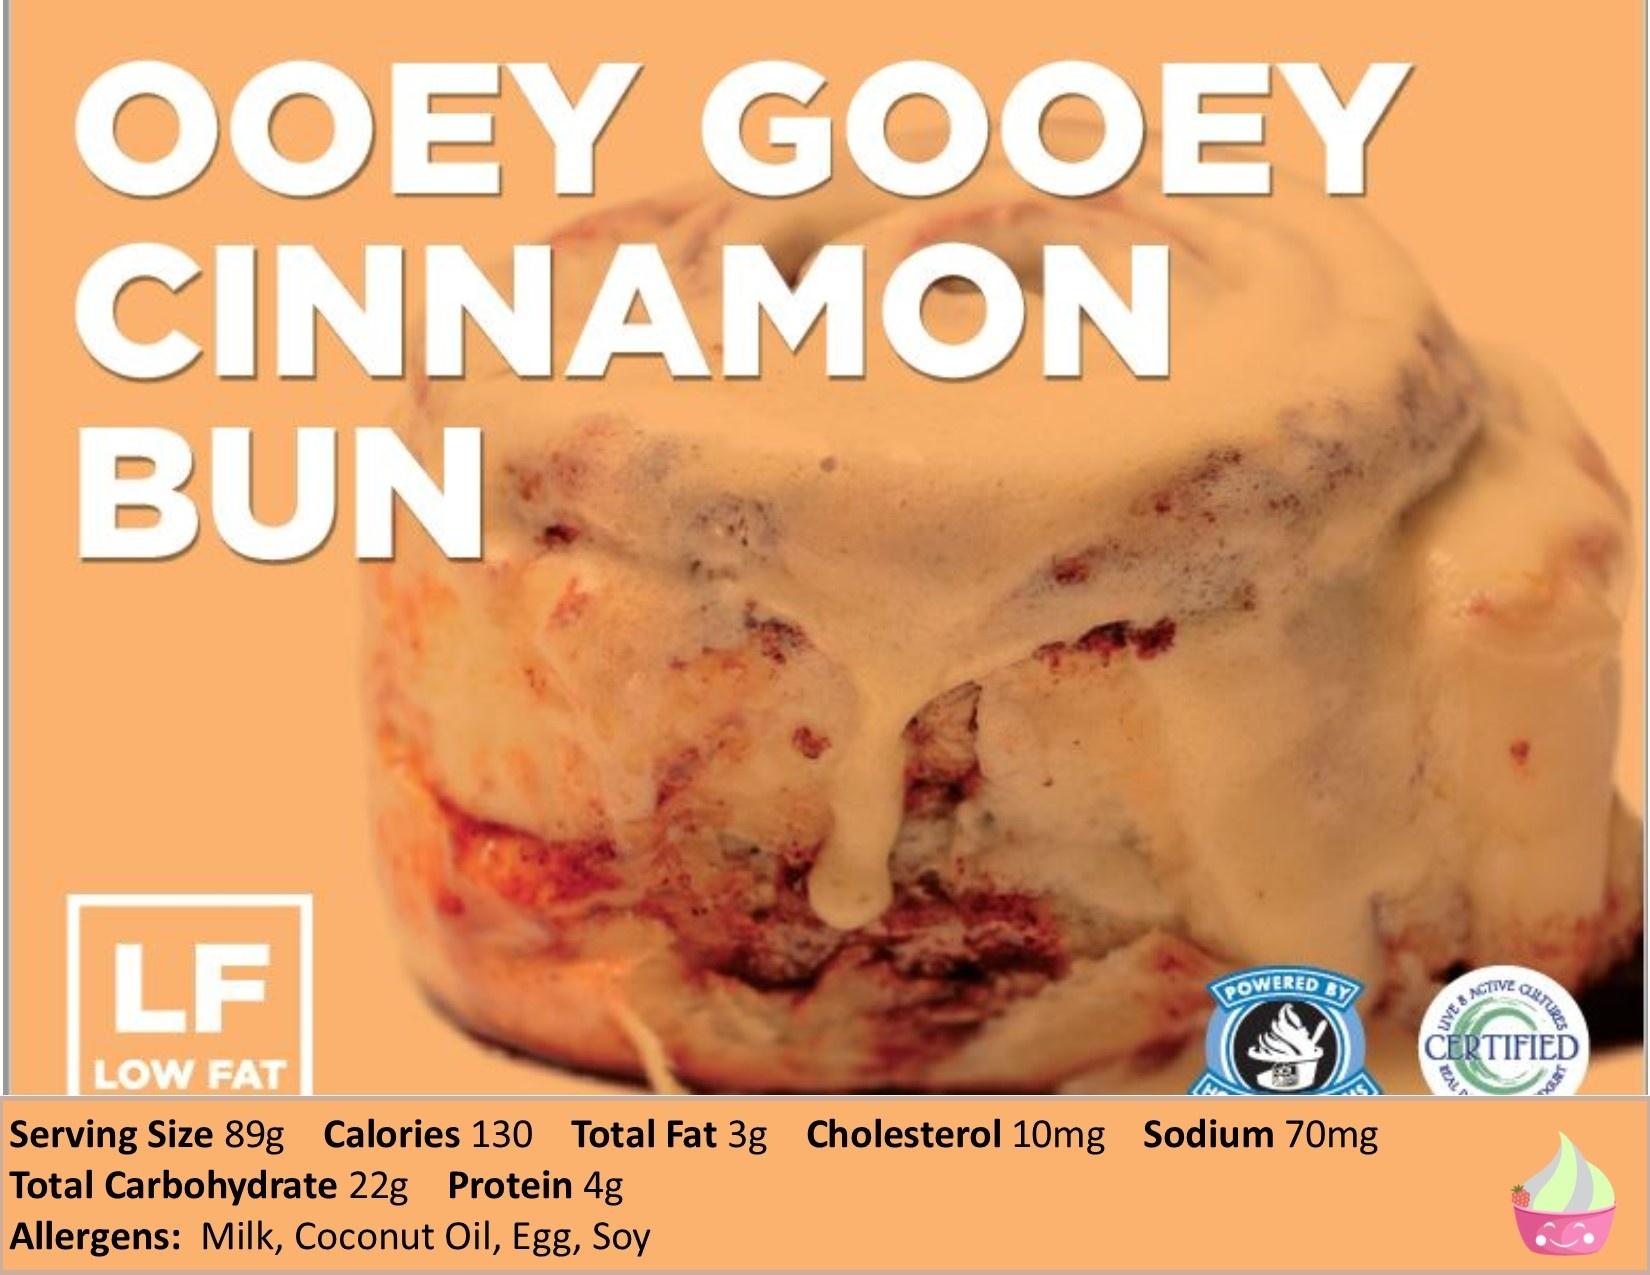 https://0201.nccdn.net/1_2/000/000/0b4/ad7/Ooey-Gooey-Cinnamon-Bun-LF-1650x1275-1650x1275.jpg